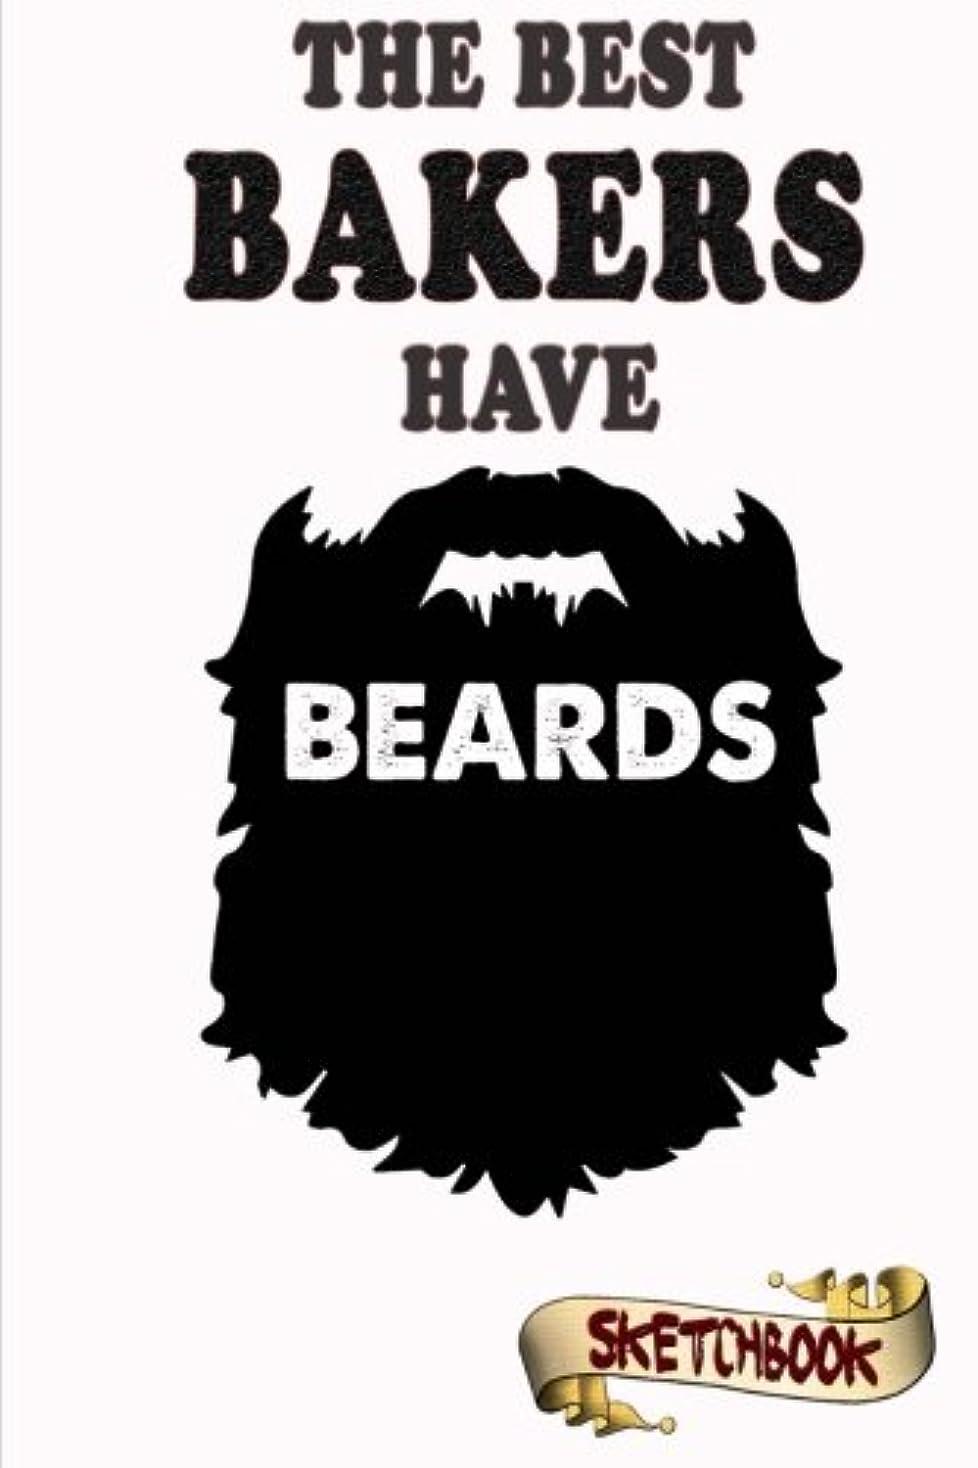 賞賛ラリー啓発するThe best bakers have beards Sketchbook: Journal, Drawing and Notebook gift for bearded cook and chef baking cakes, cookies and bread